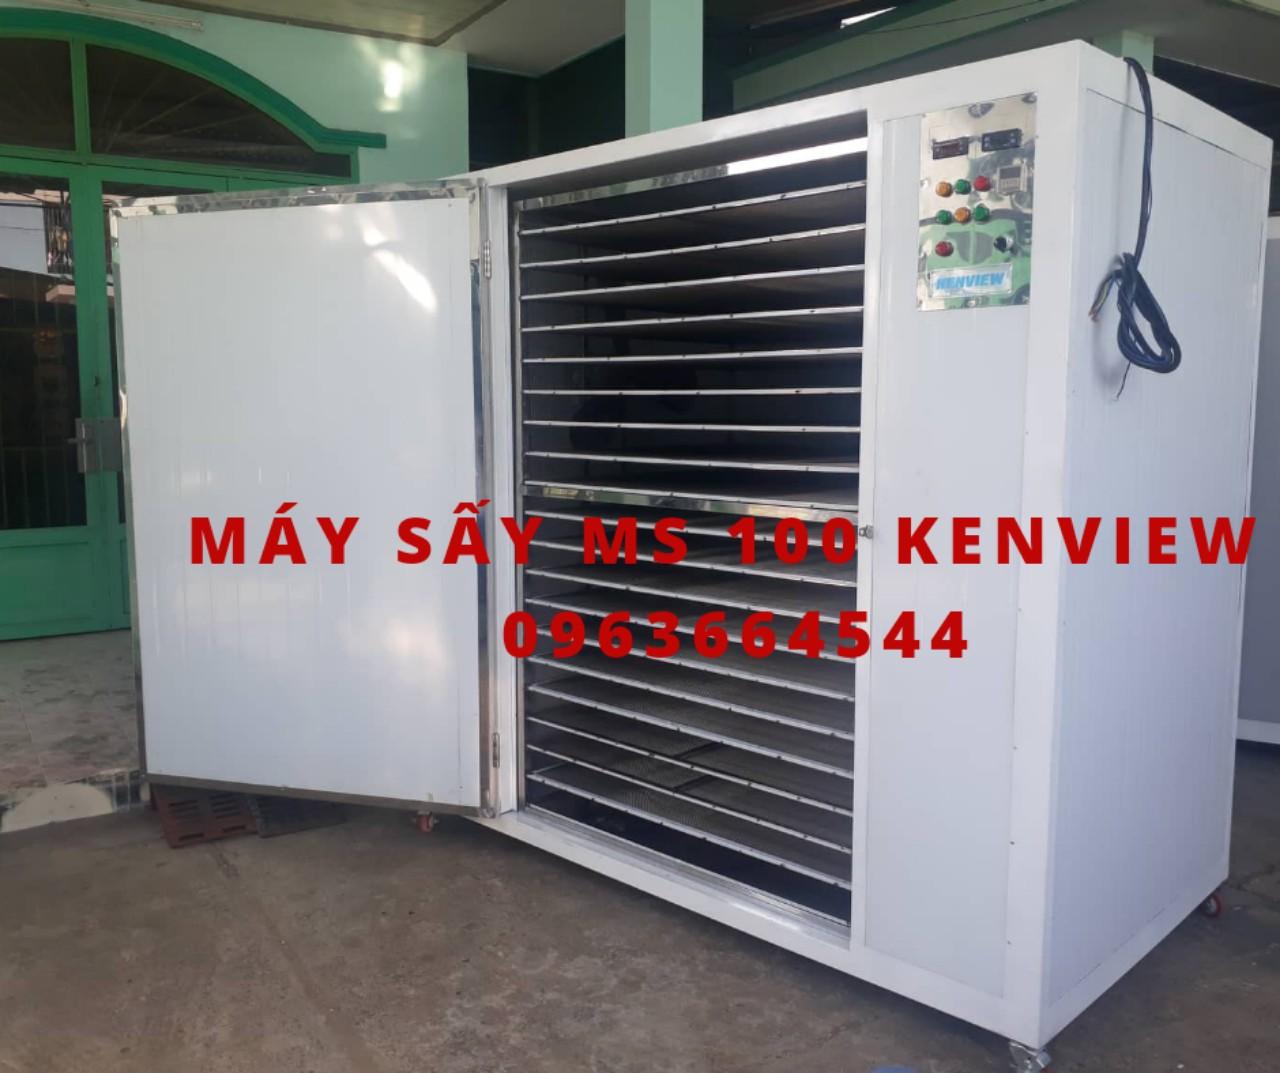 Kenview cung cấp máy sấy chuối ở Kon Tum – Máy sấy trái cây